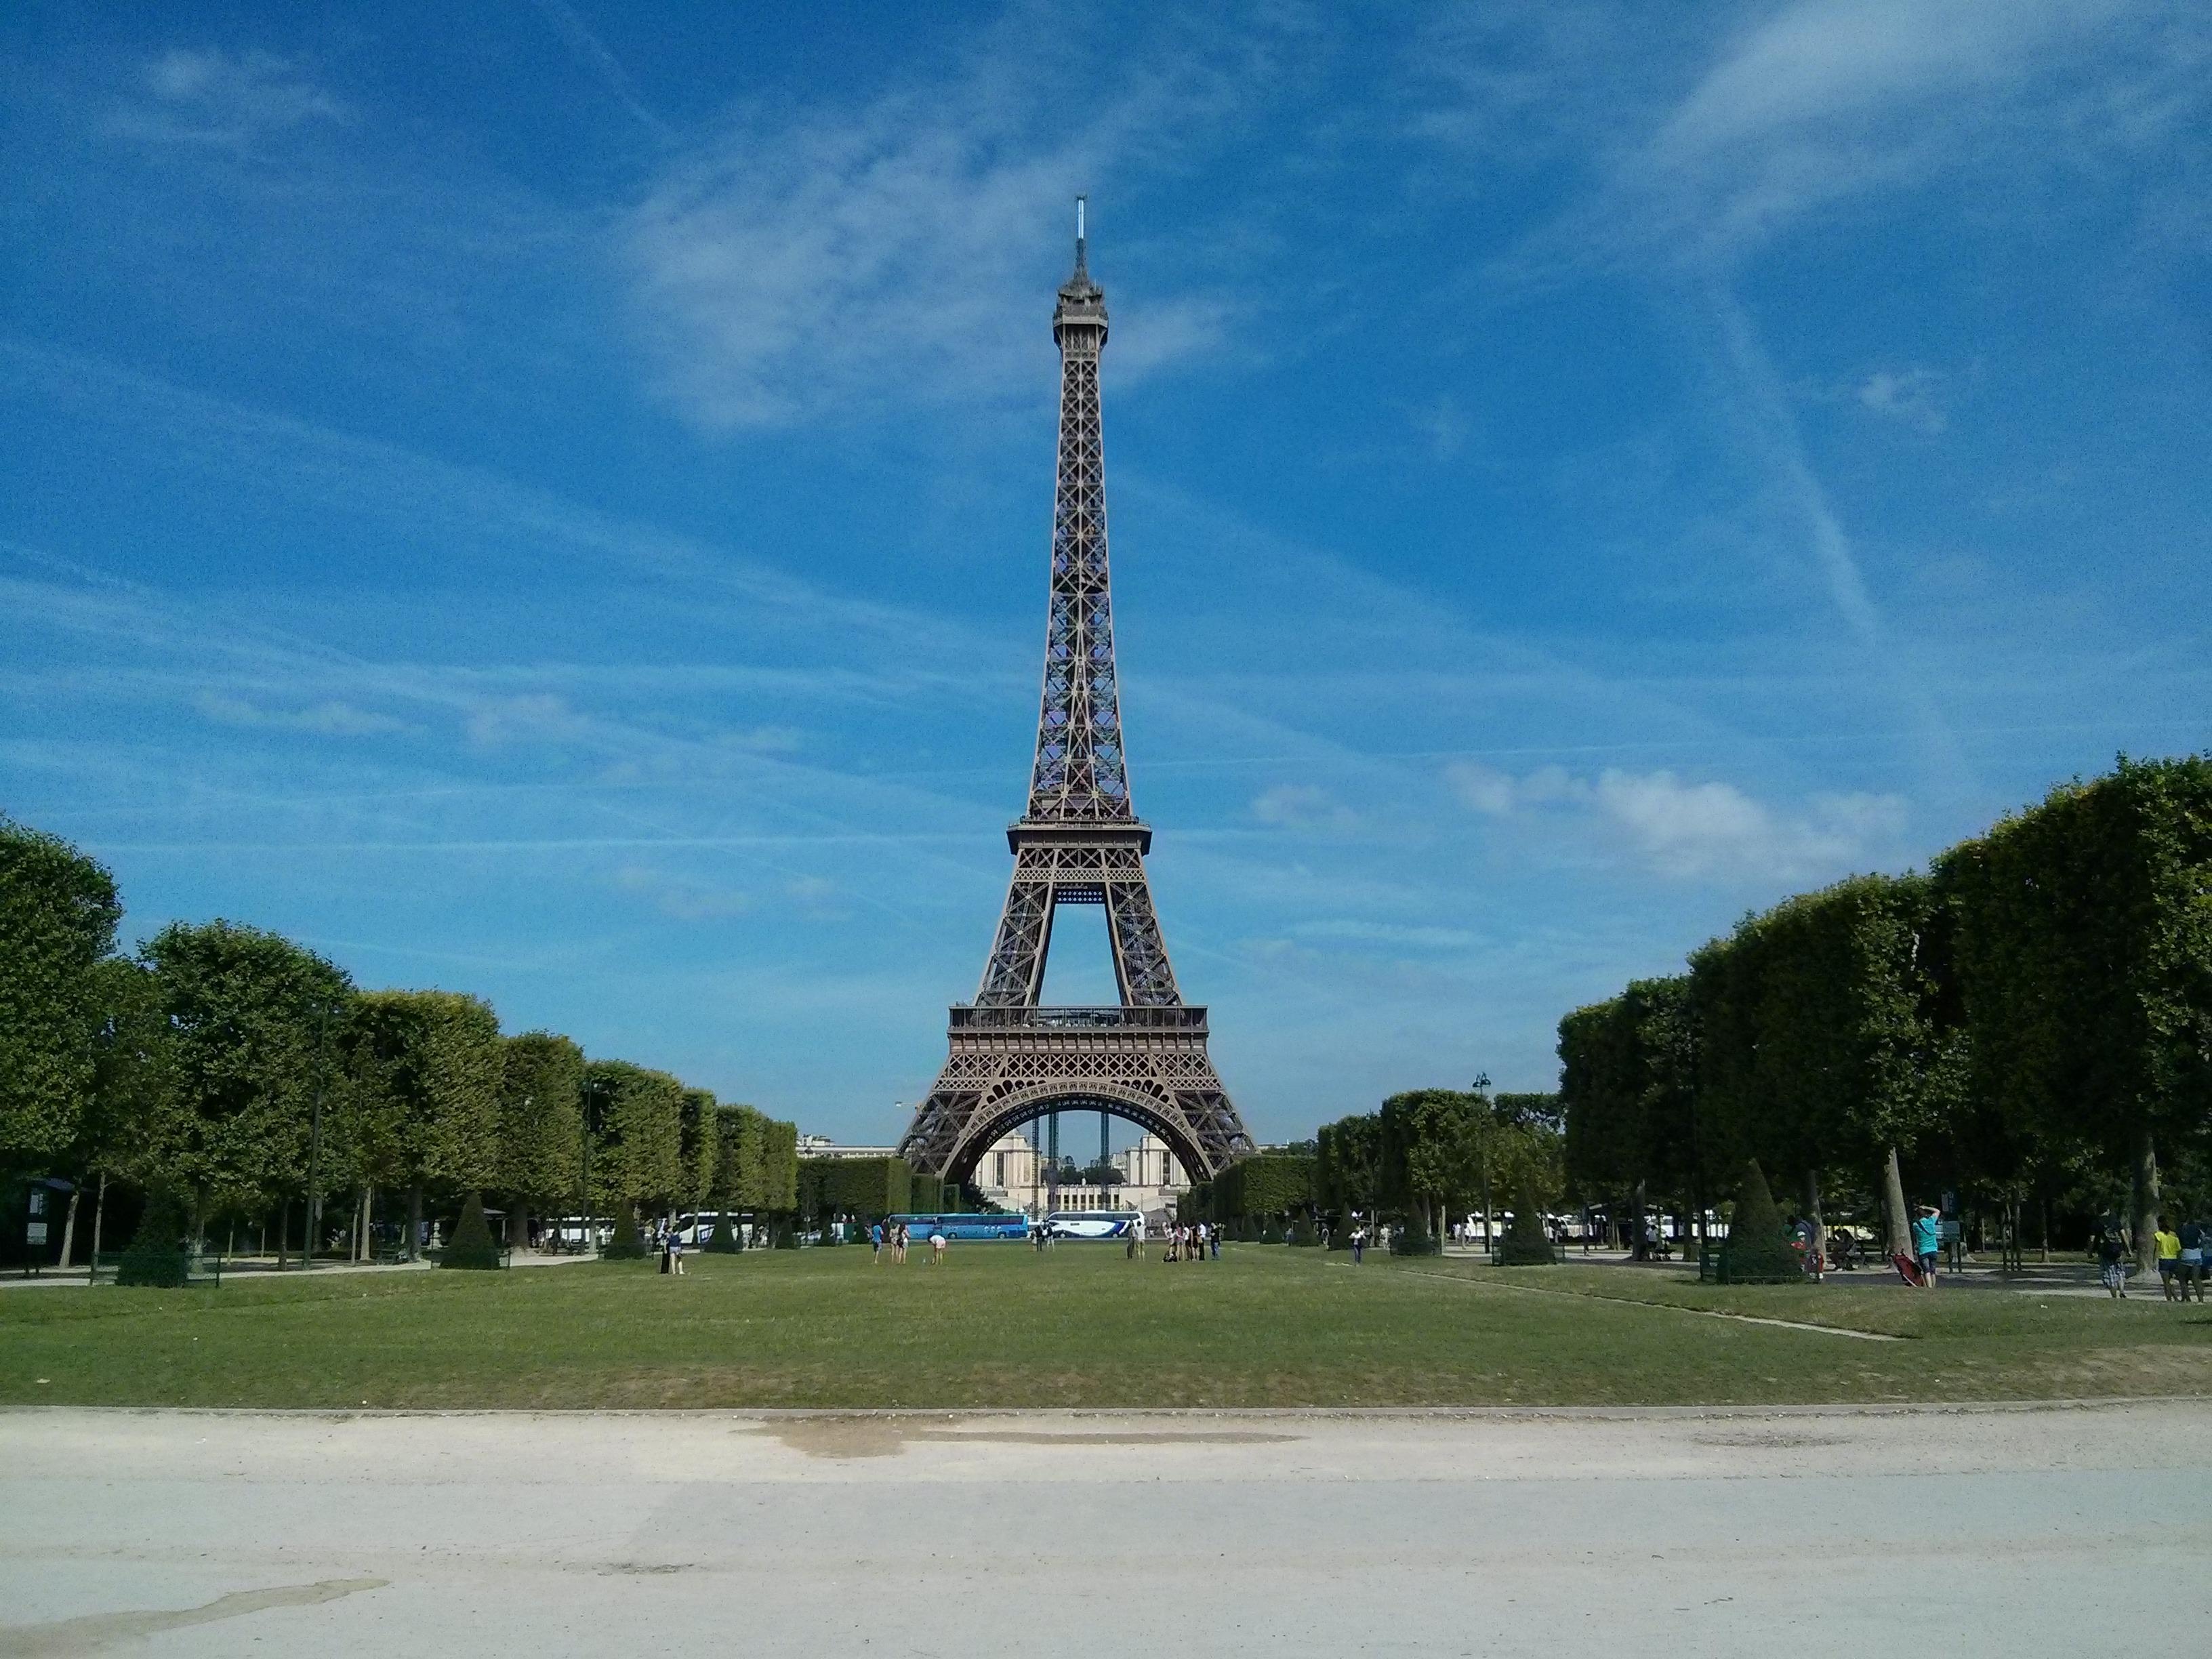 Un itinerario per visitare Parigi - La Tour Eiffel